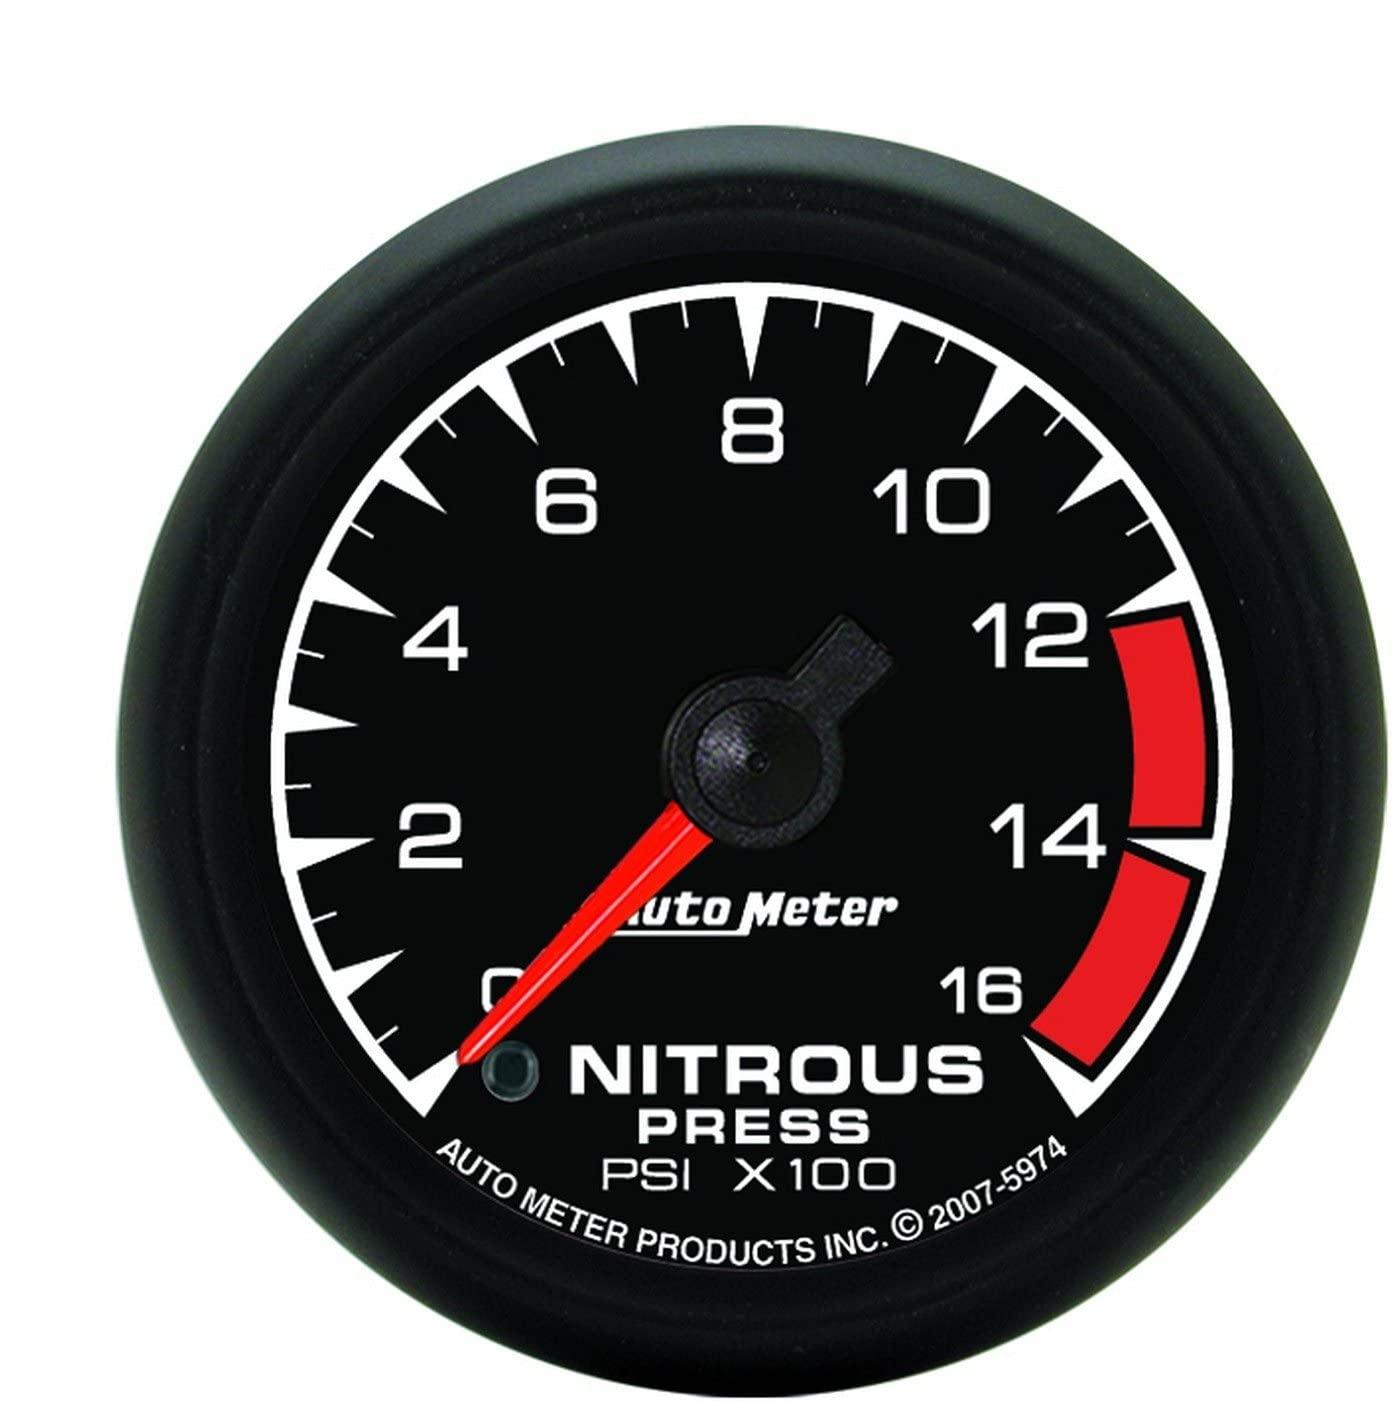 Auto Meter 5974 ES 2-1/16